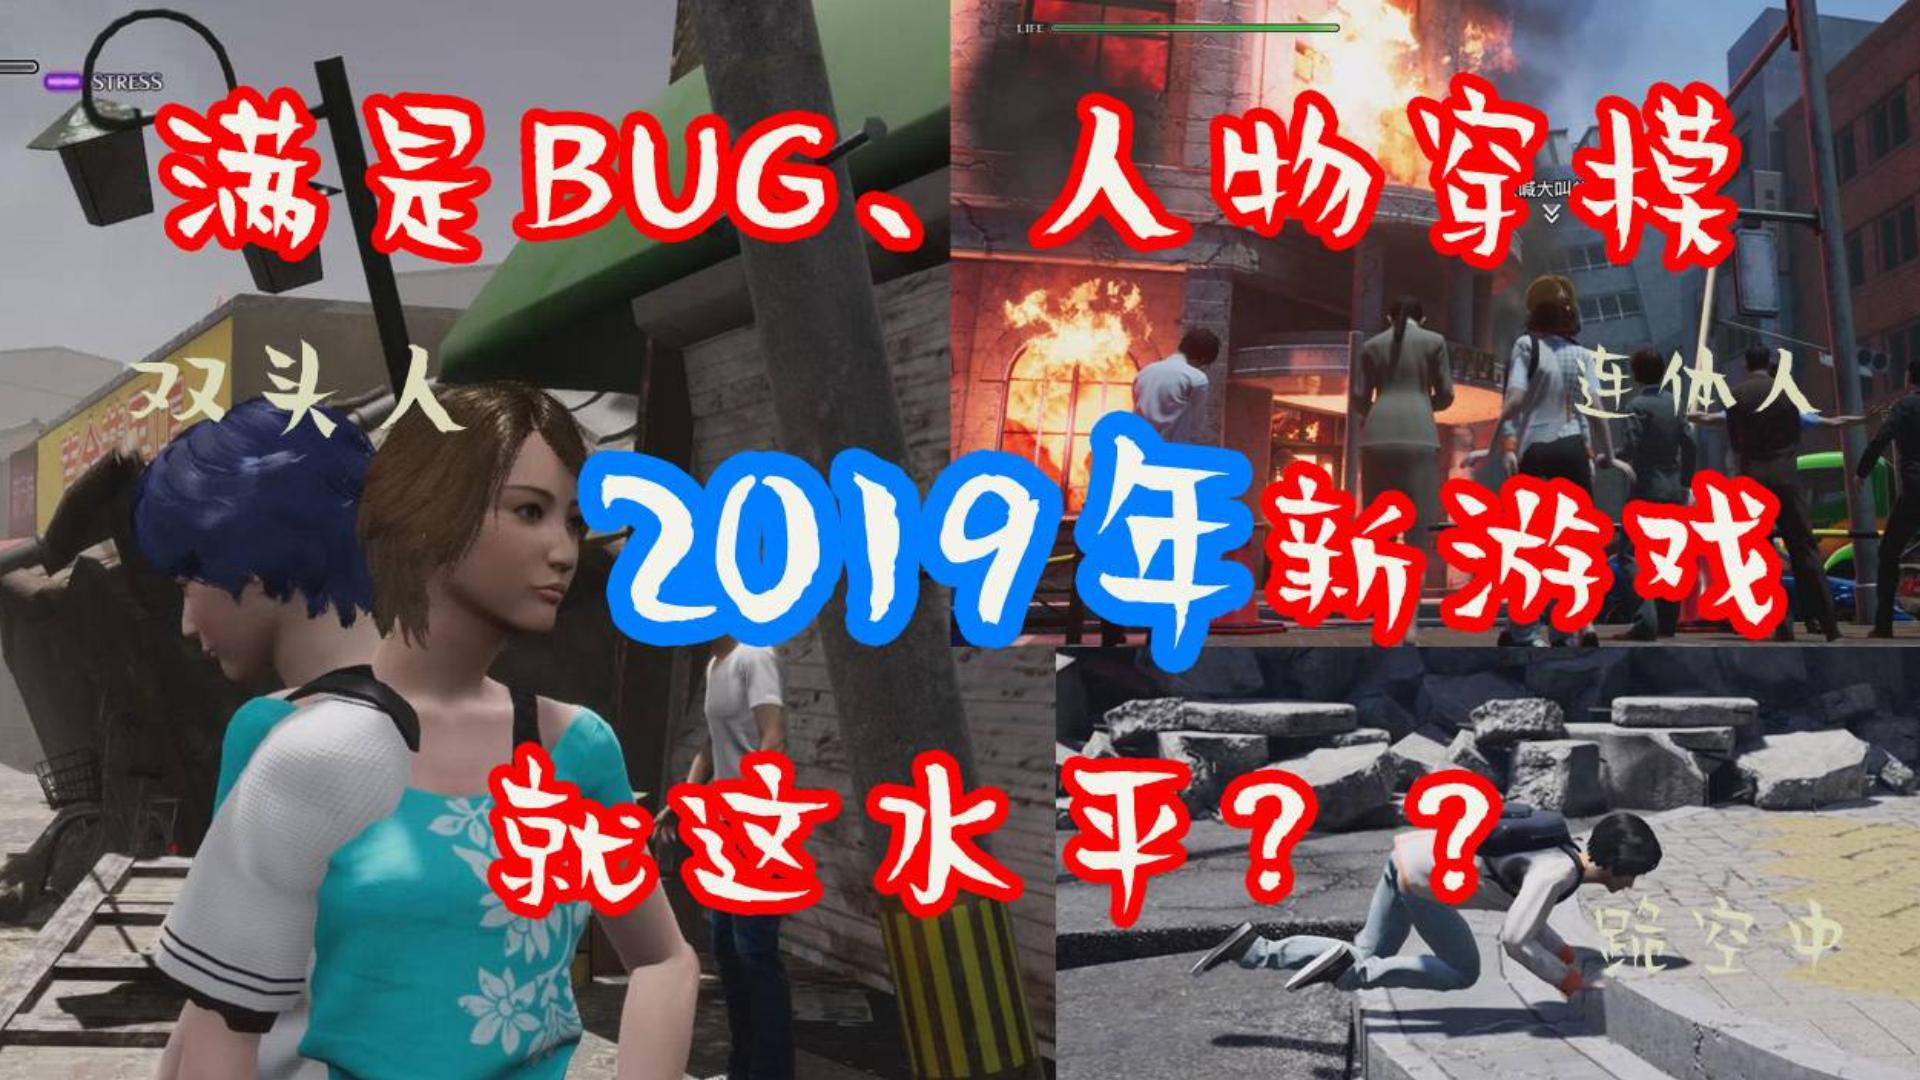 人物穿模,遍地BUG,这真是2019年的新游戏?